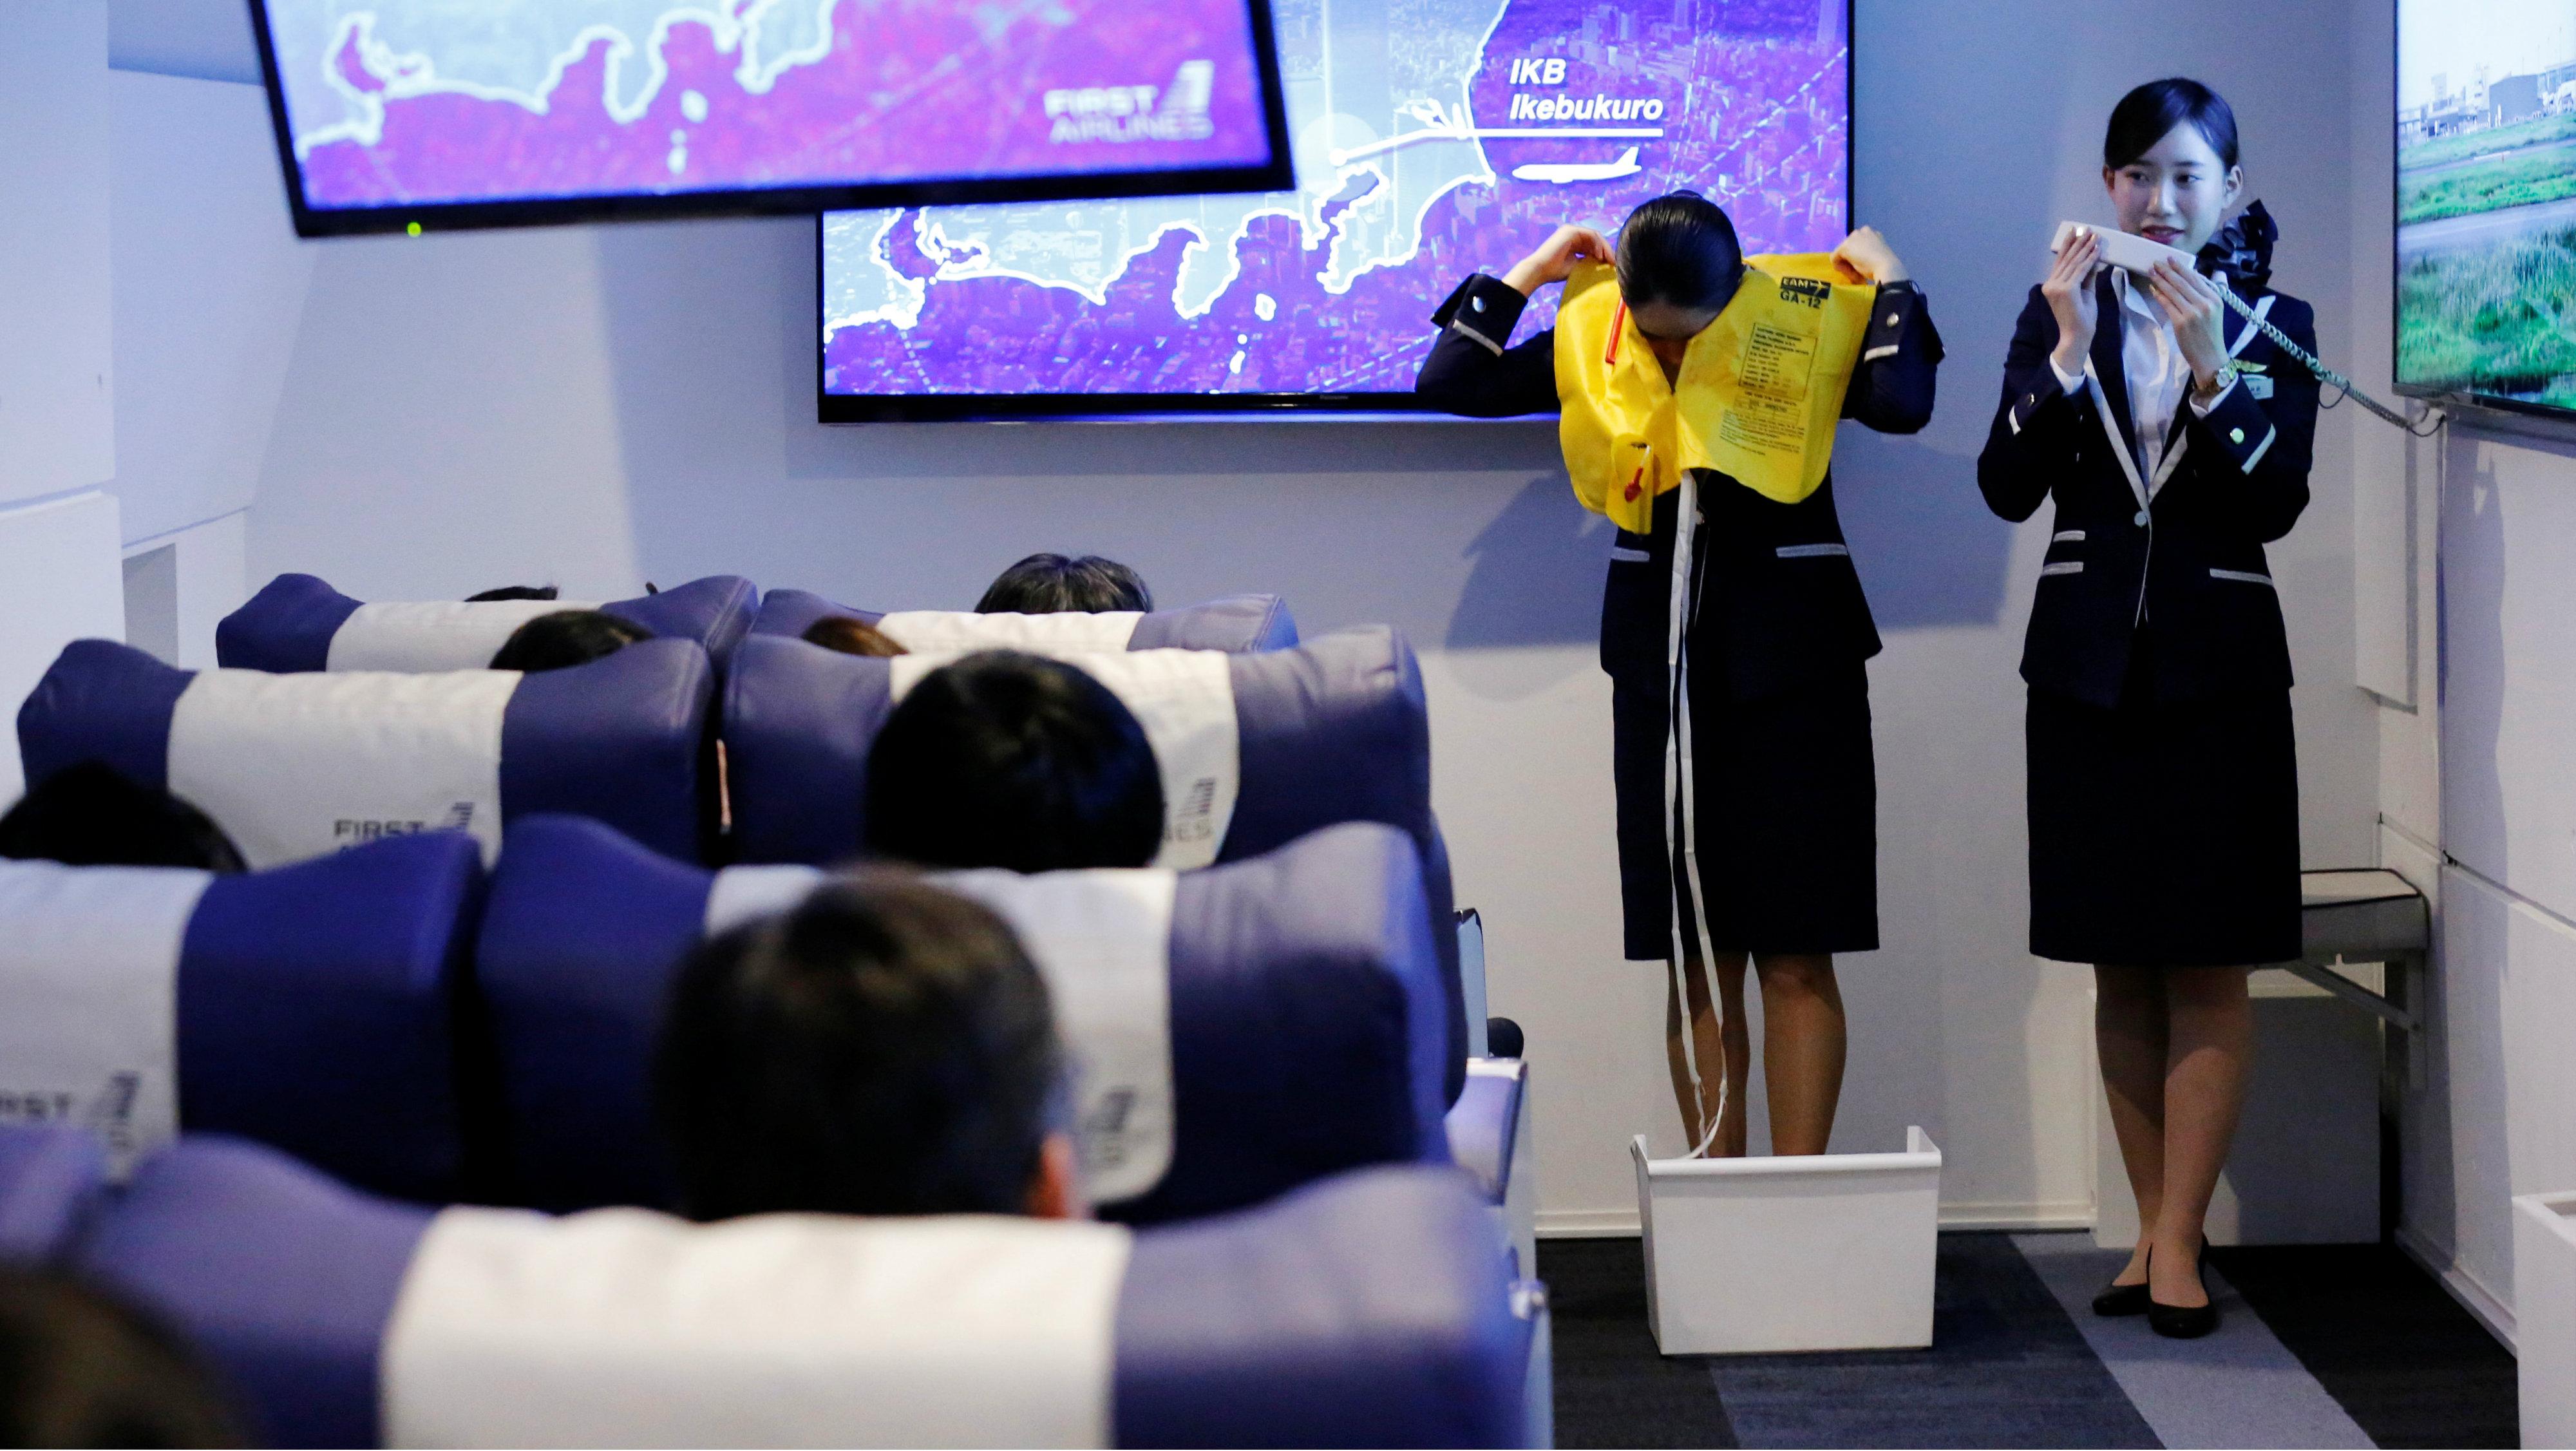 Air hostess demonstration